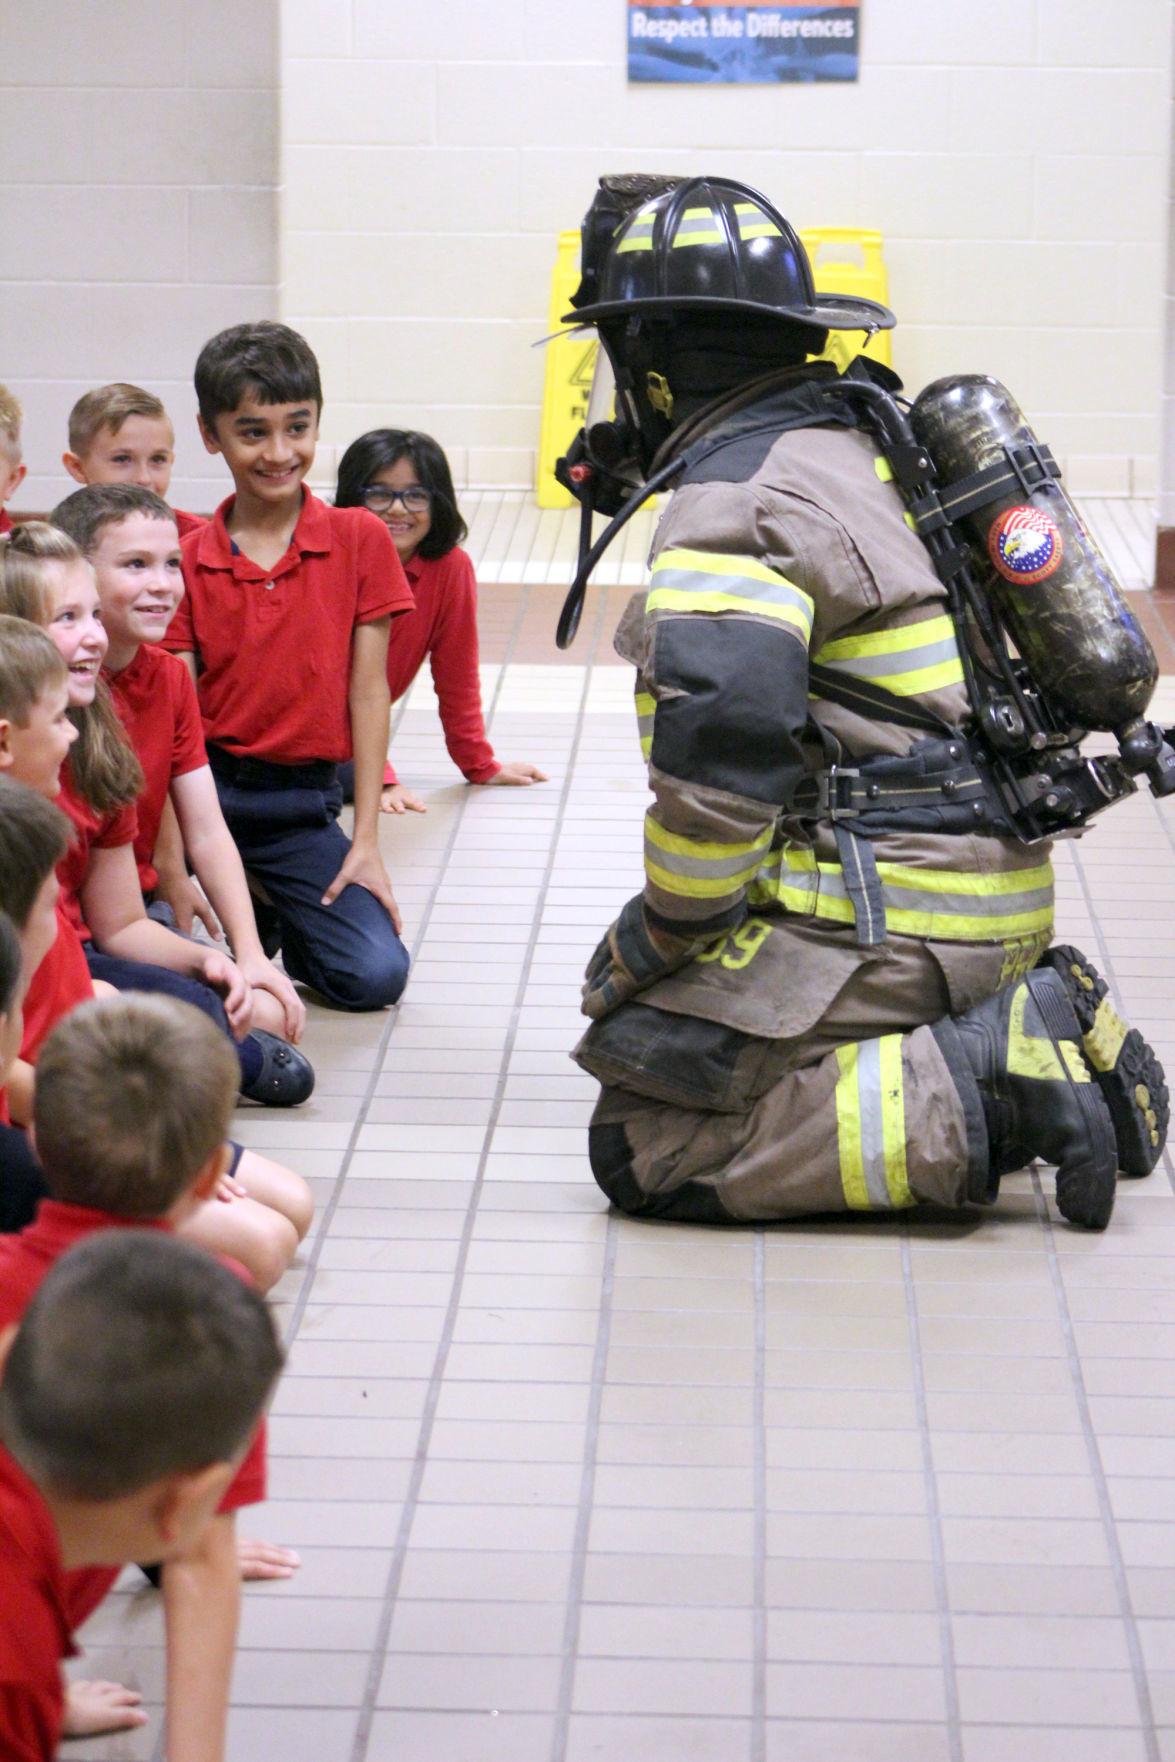 Firefighting gear